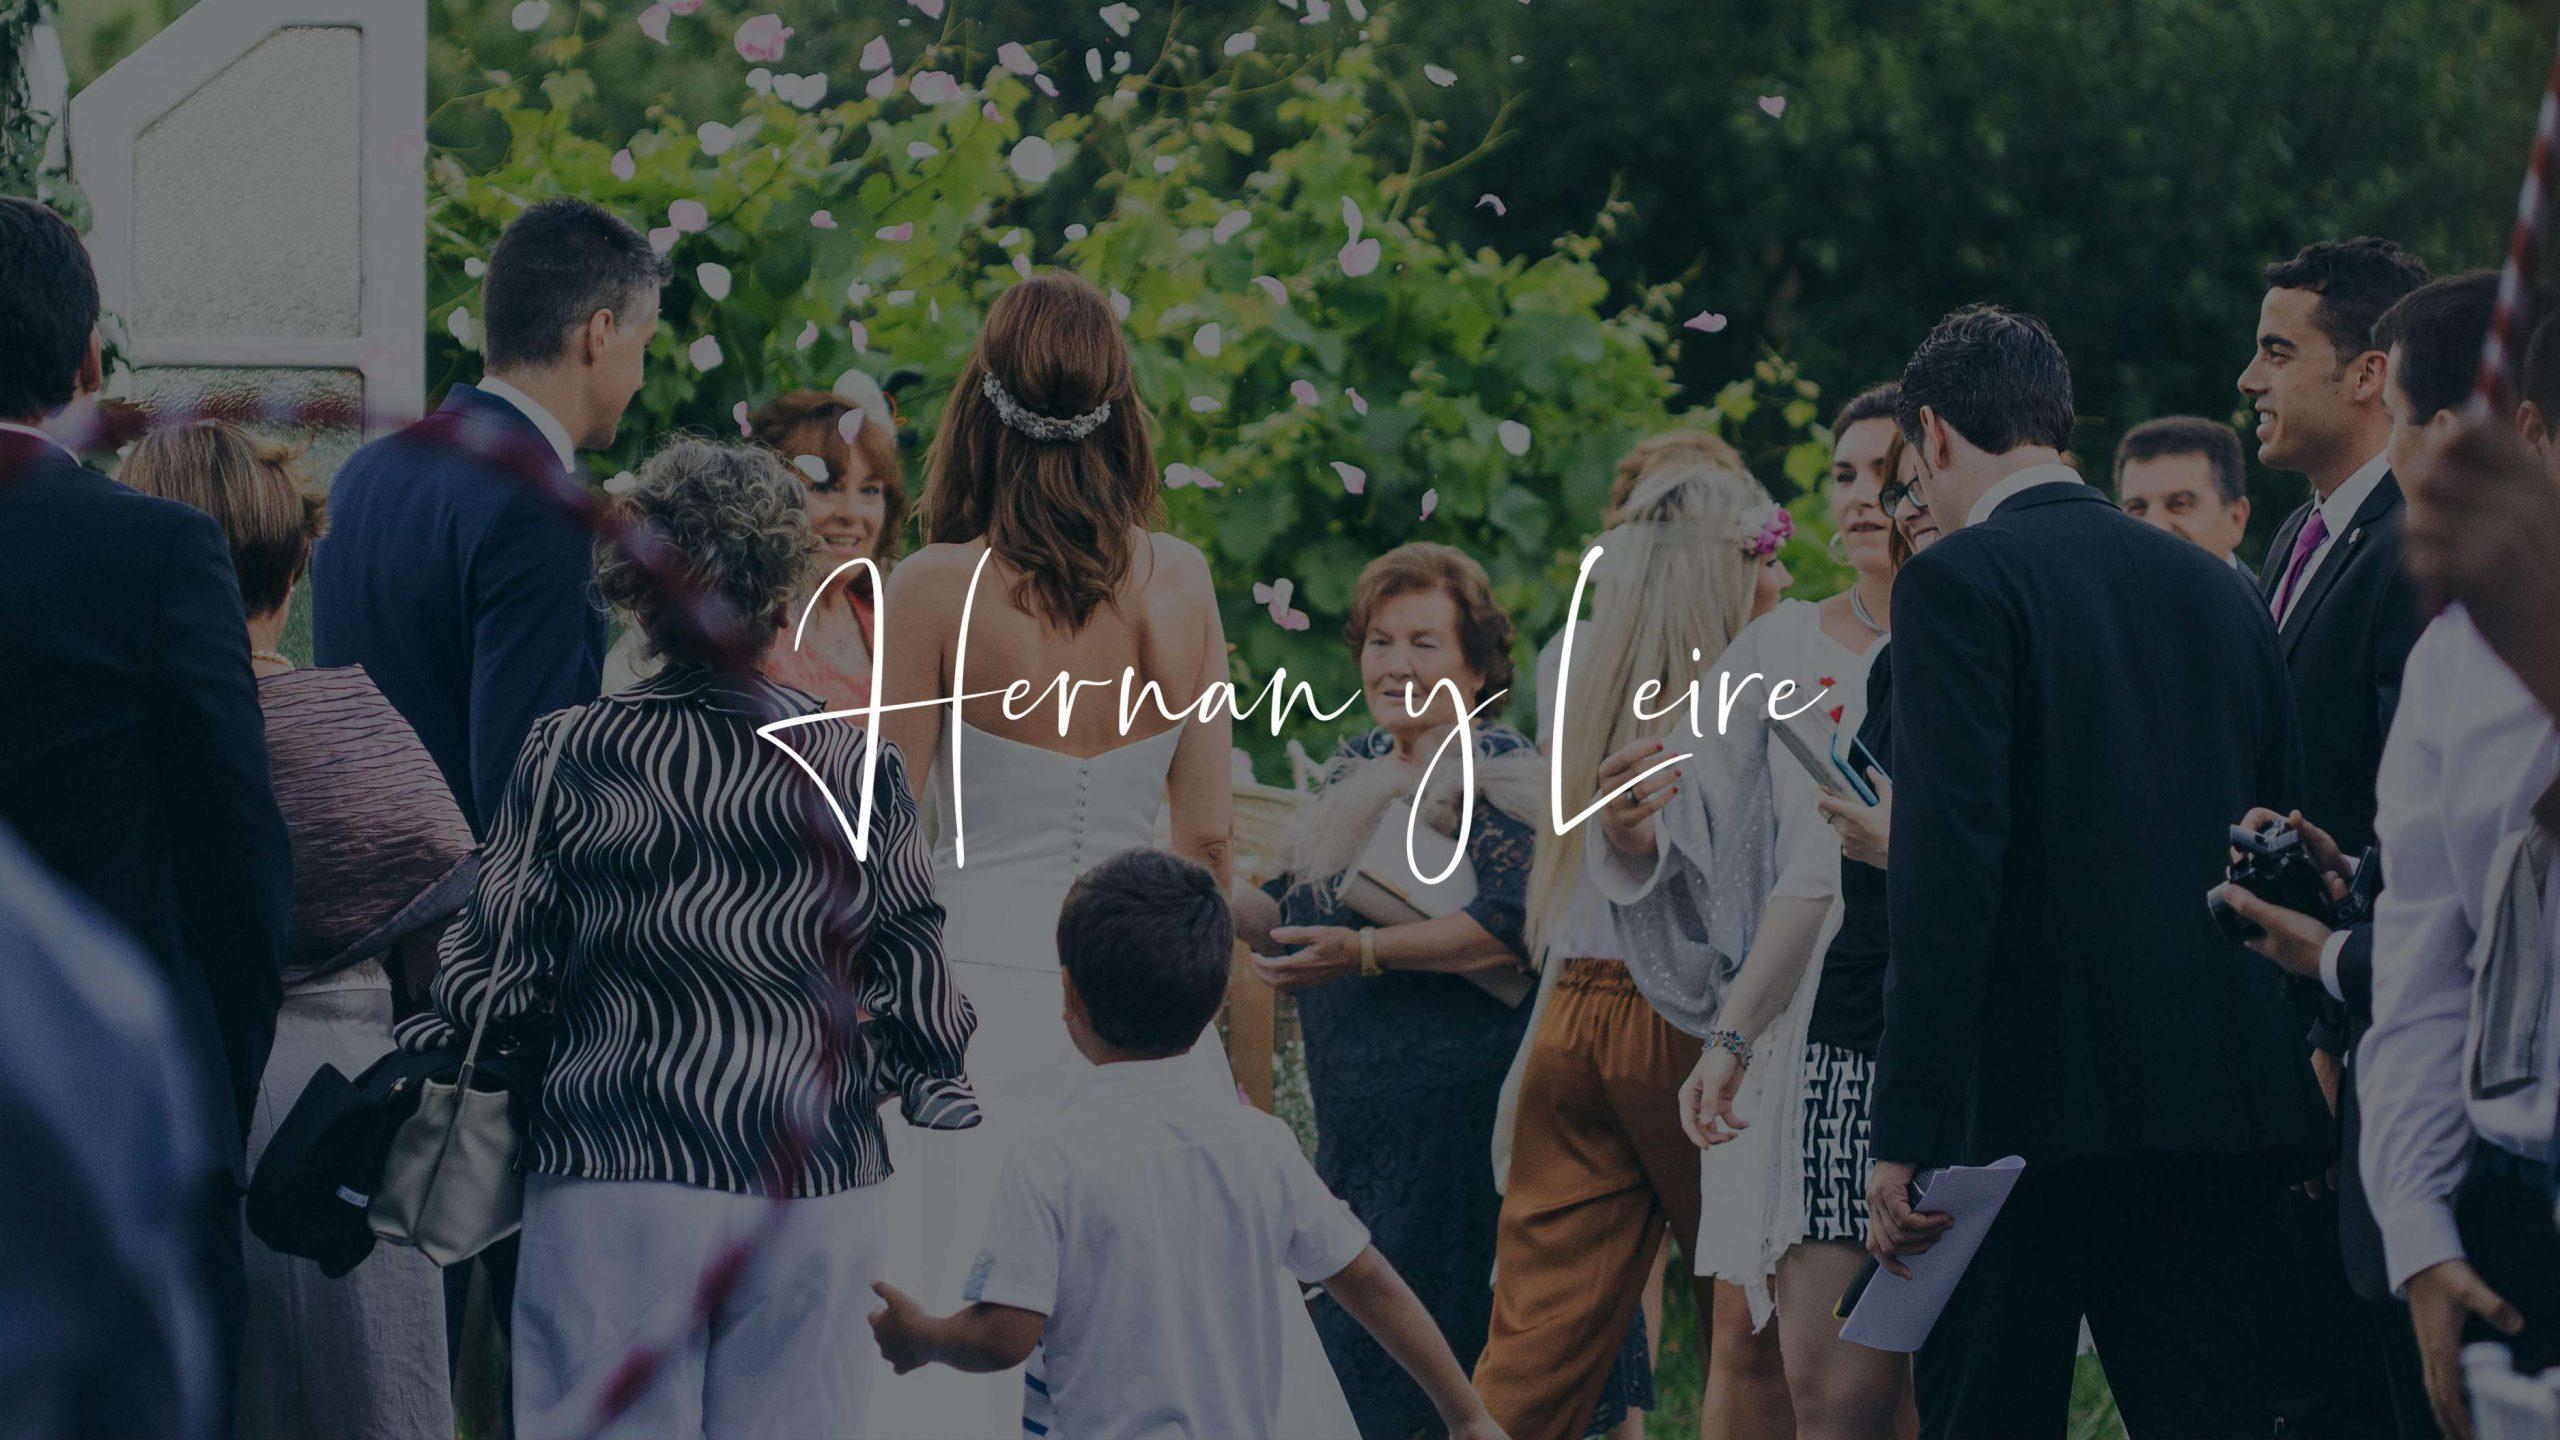 HERNAN Y LEIRE